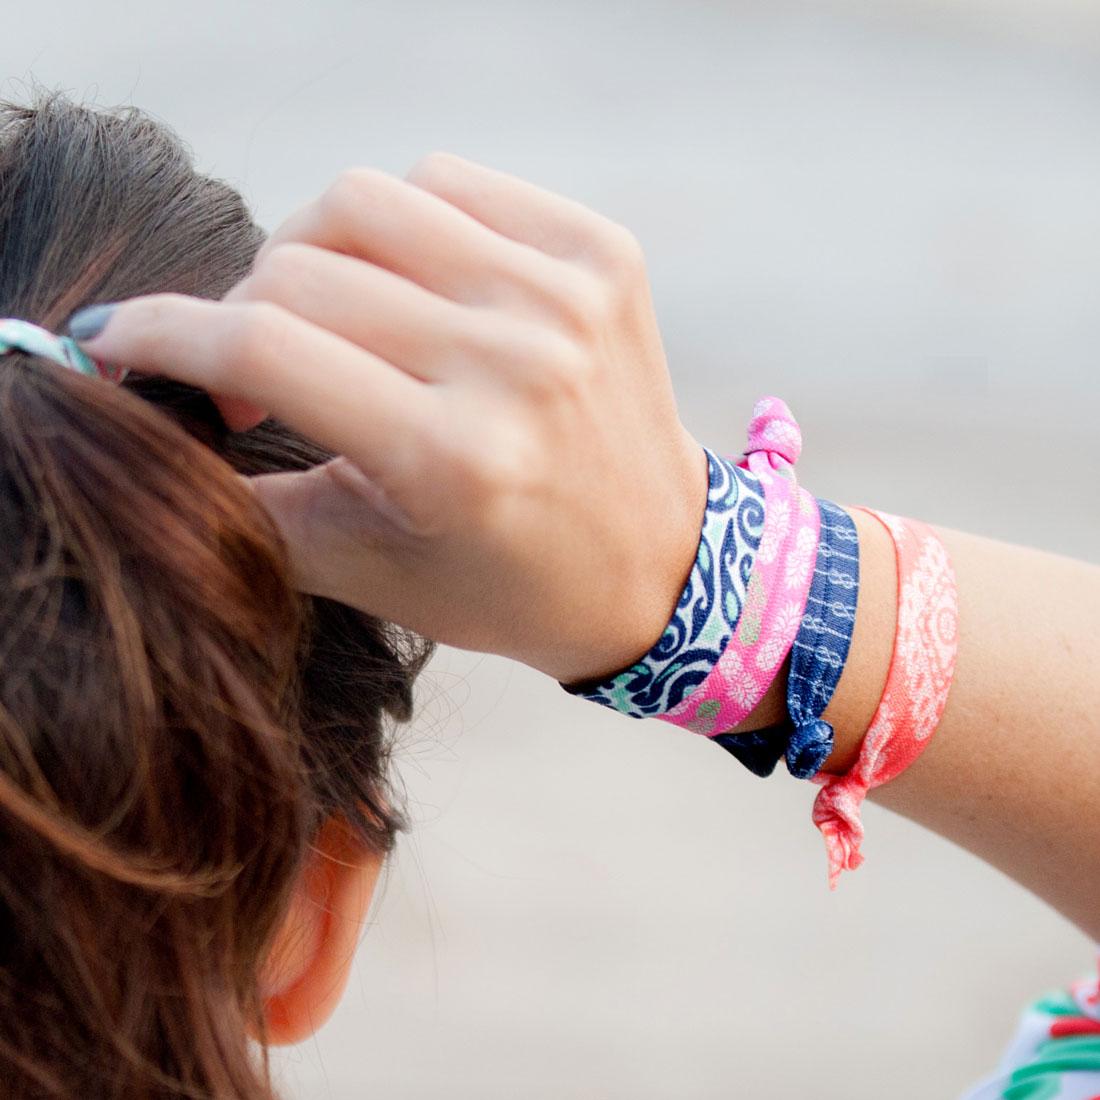 patterned hair ties